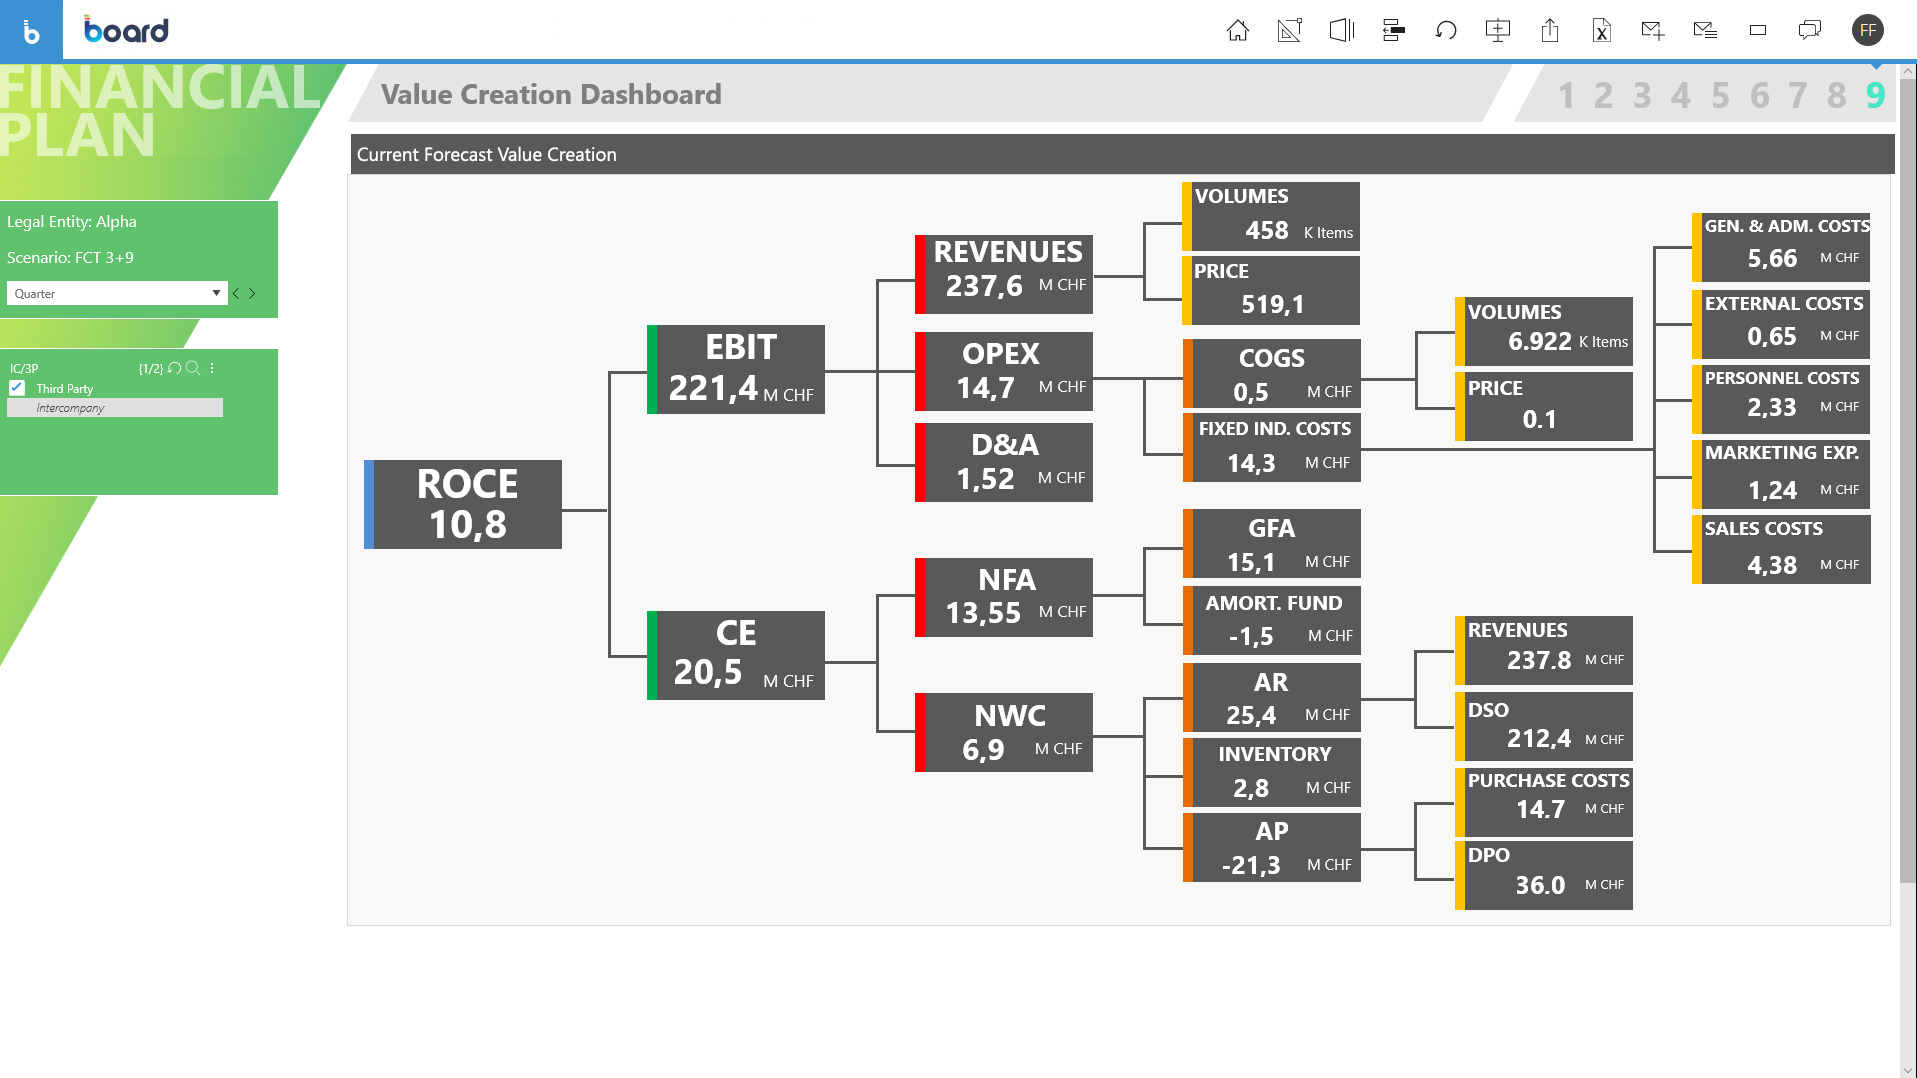 BOARD Software - Financial Plan